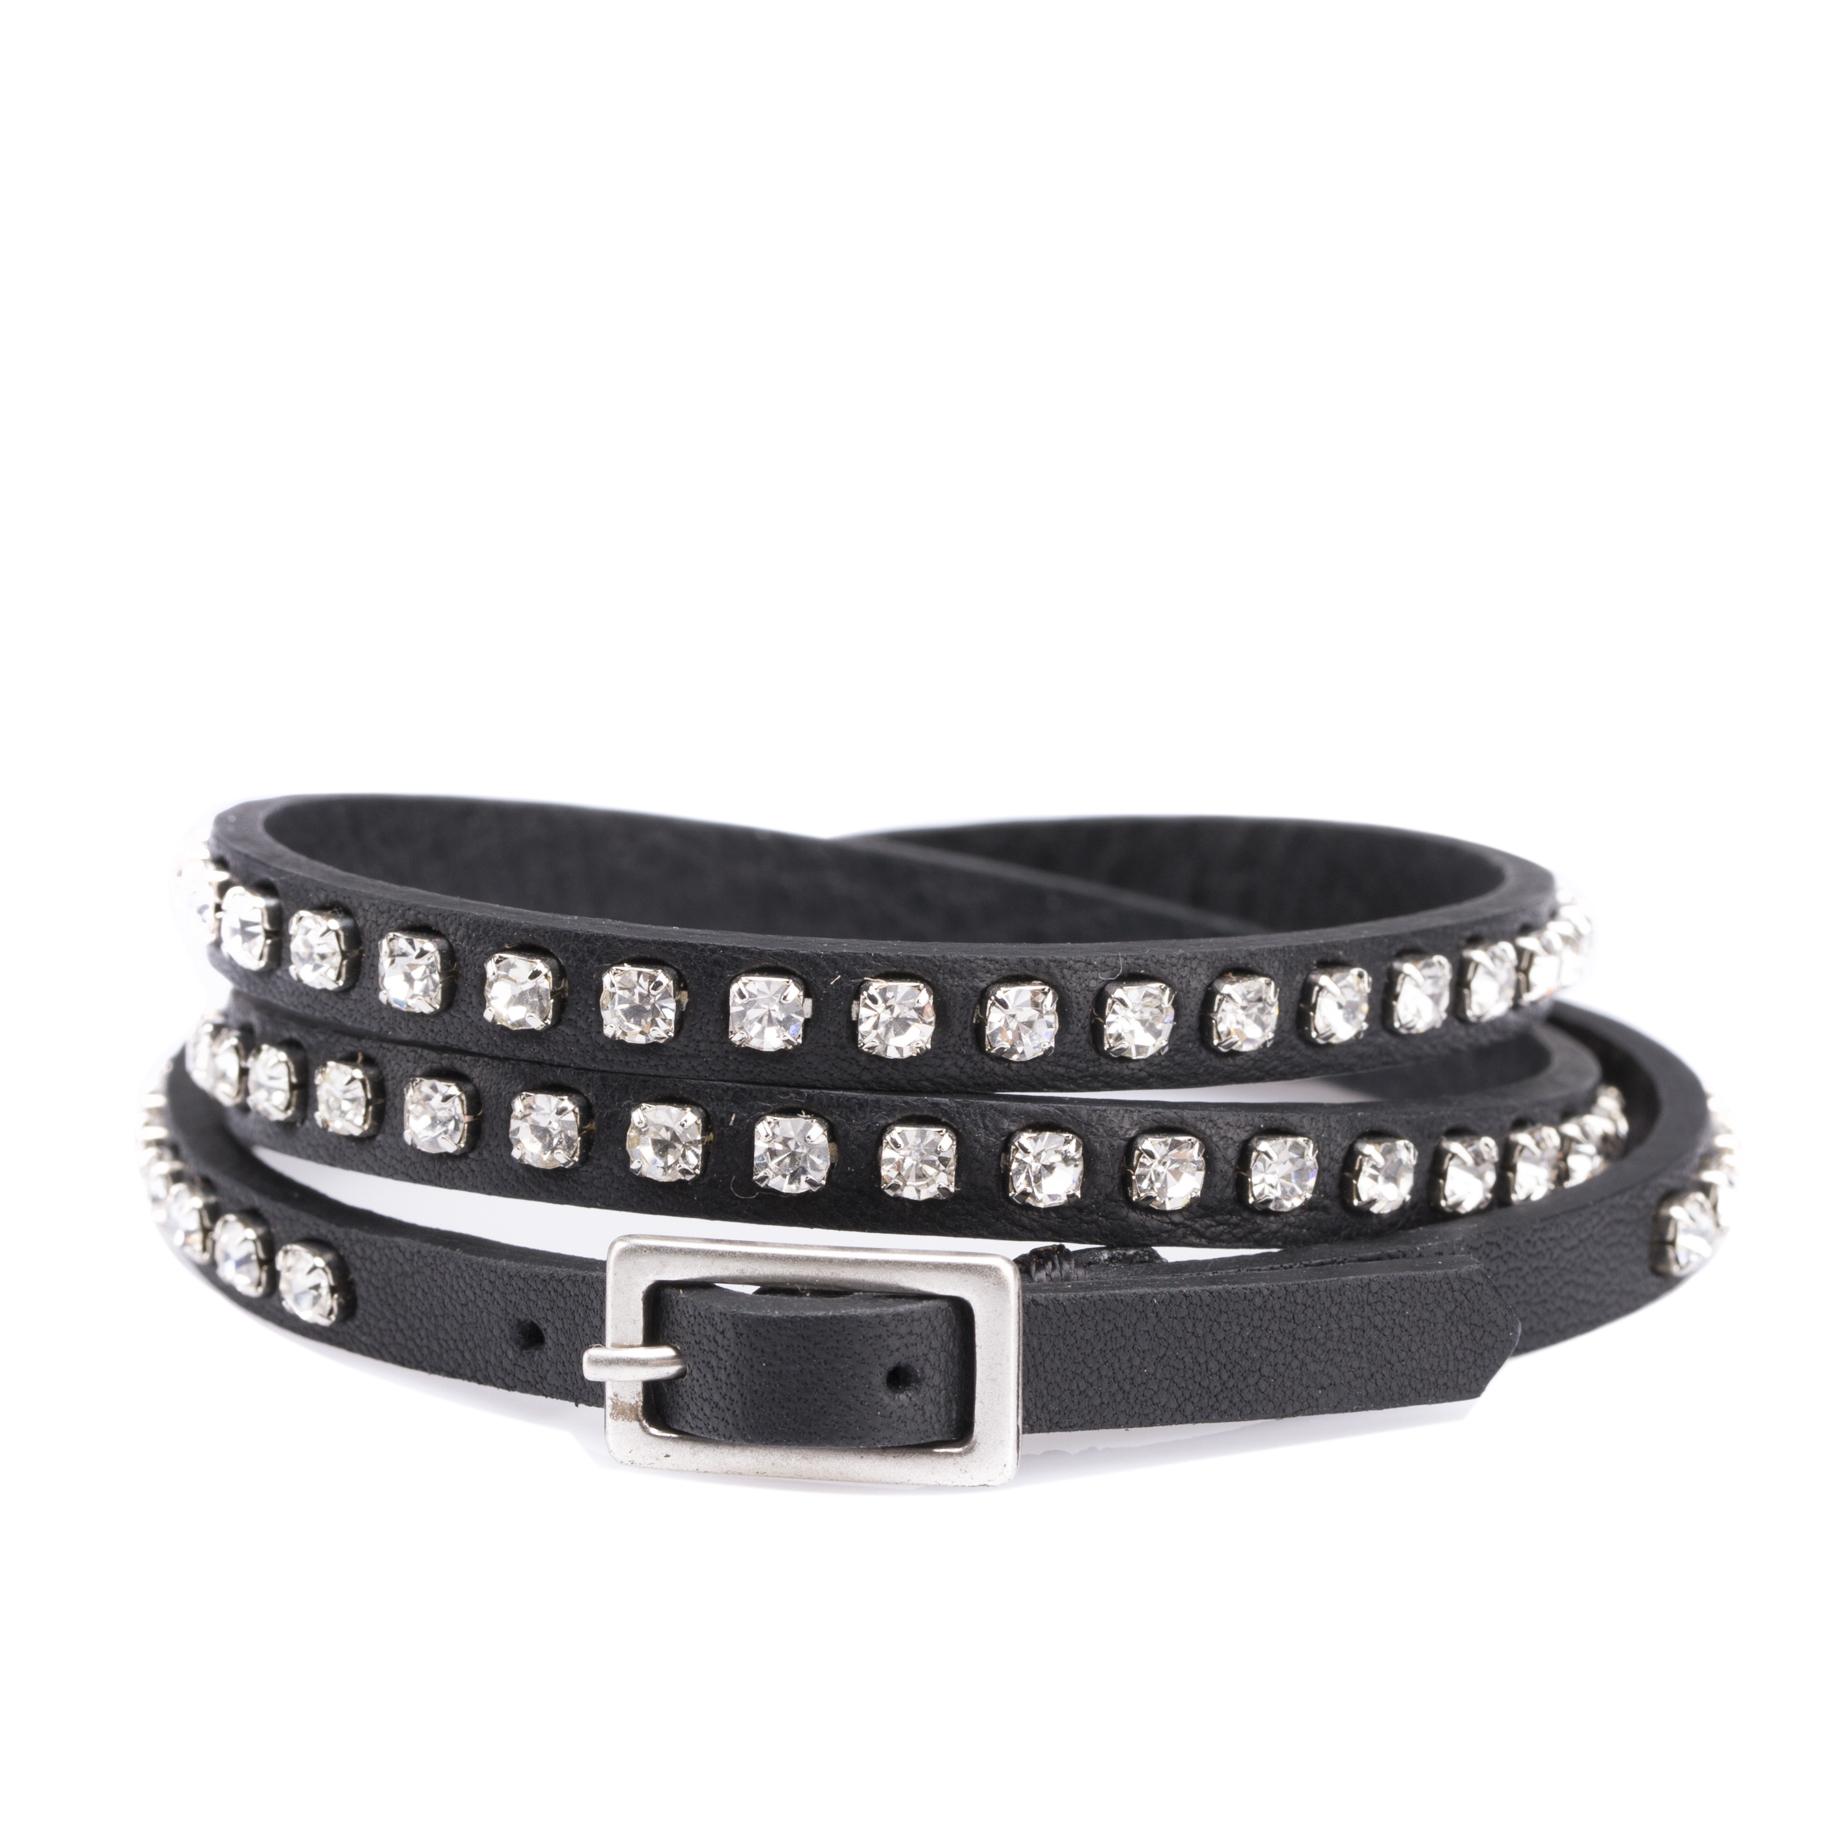 意大利原产Martinica多圈环绕牛皮手环时尚手环5261-PMT 黑色